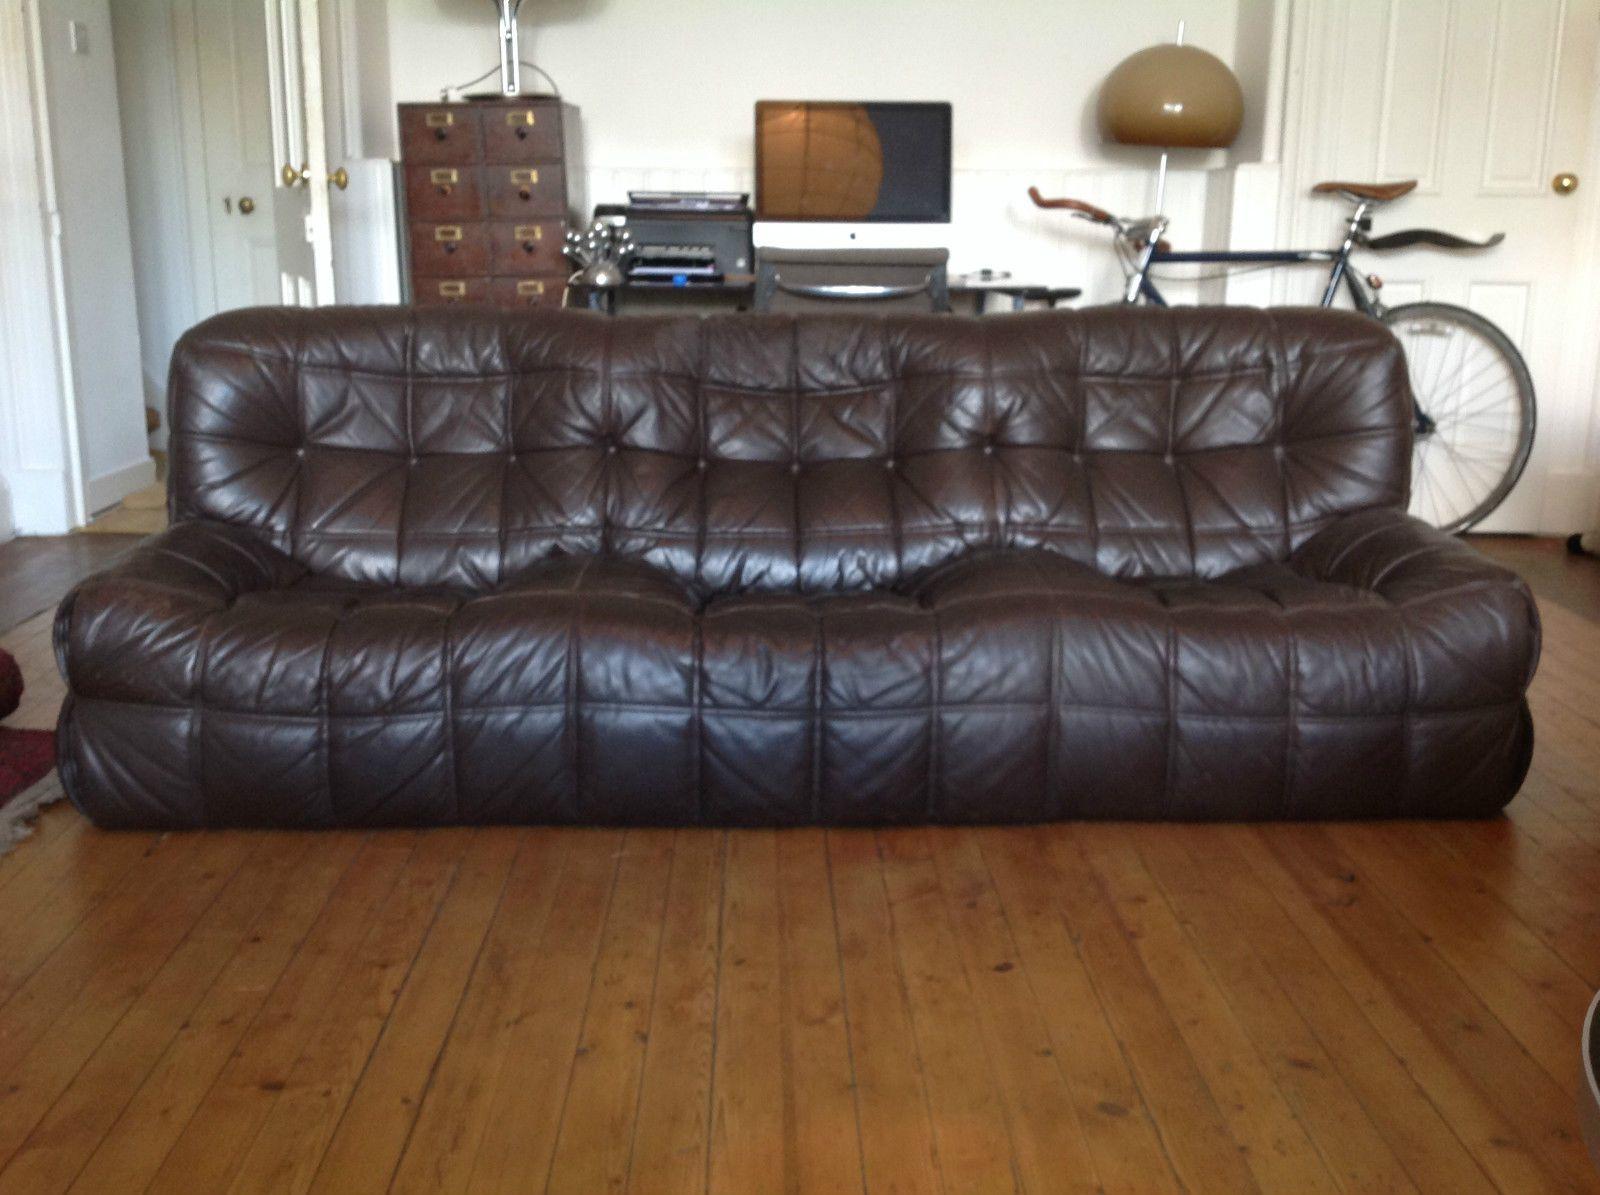 vintage ligne roset leather kashima sofa | wohnen und einrichtung, Wohnzimmer dekoo